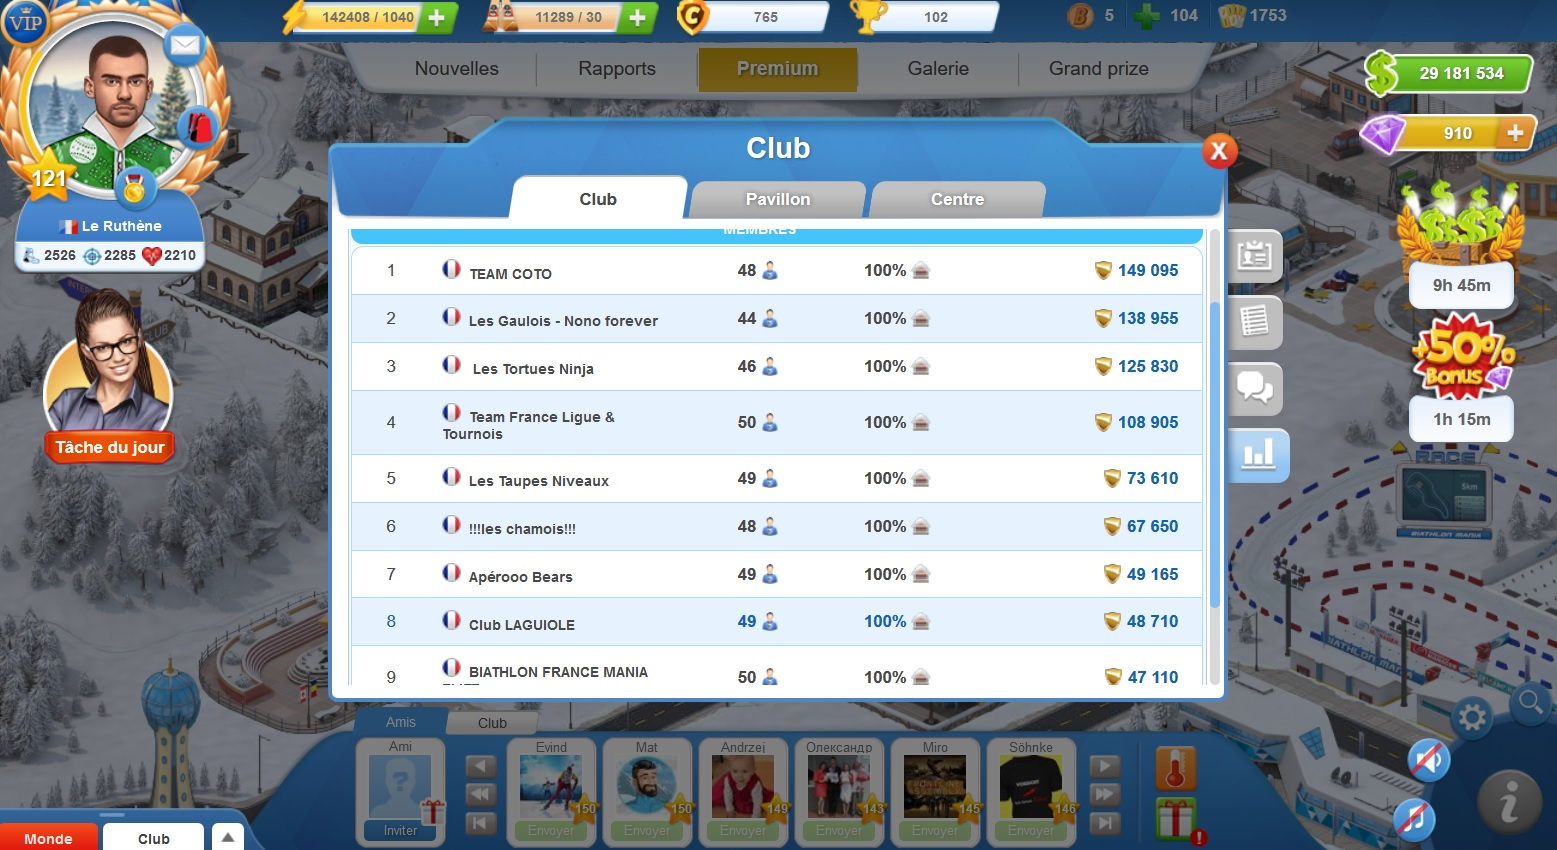 Club Laguiole Biathlon Mania